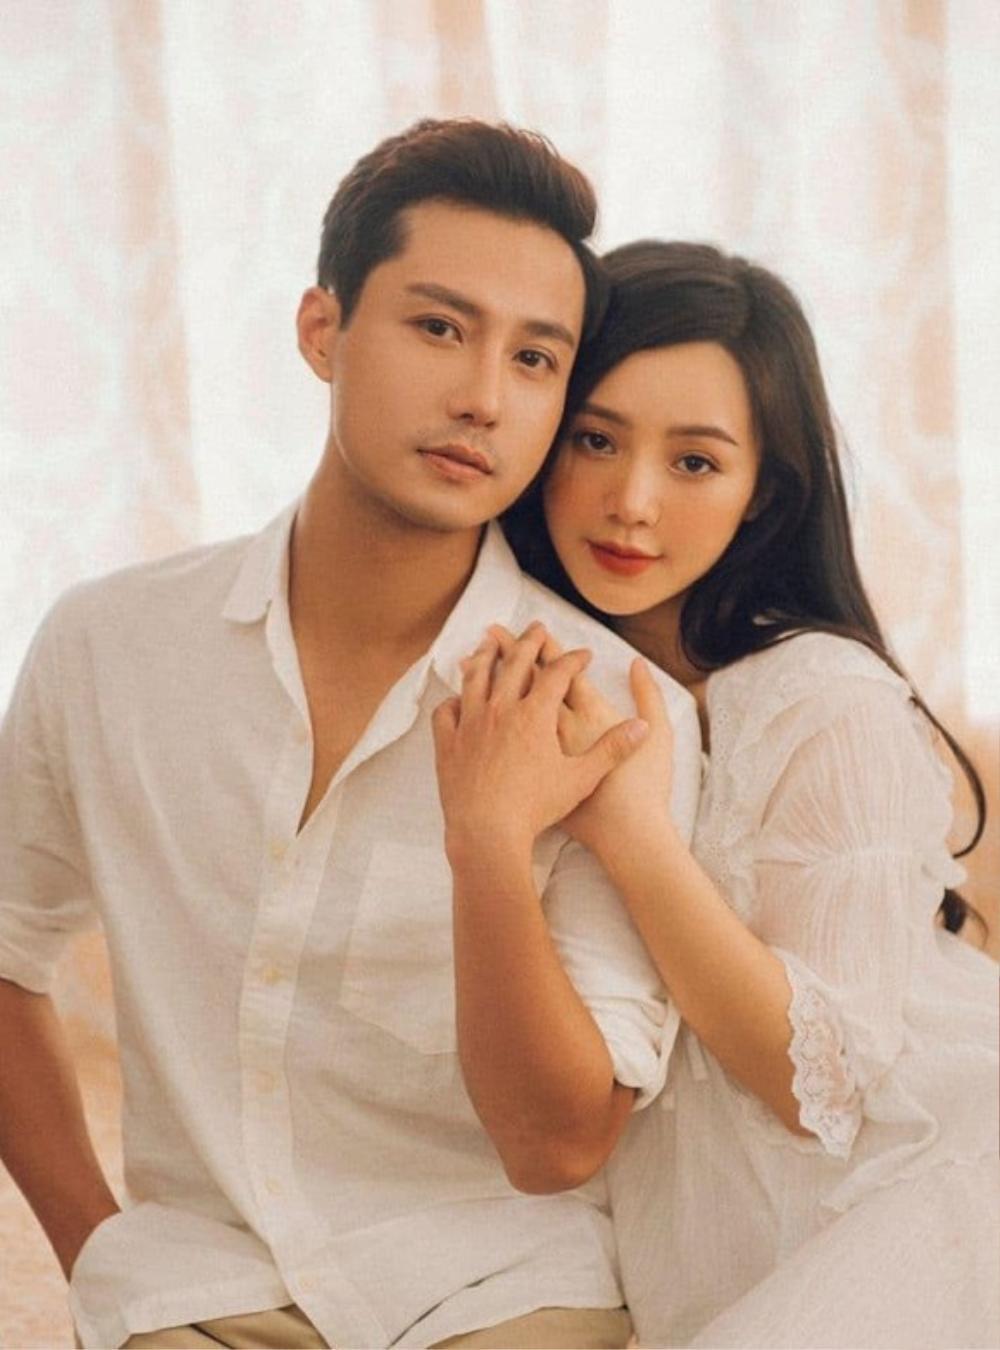 So kè top 5 'Nữ diễn viên ấn tượng' tại 'VTV Awards 2020': Phương Oanh, Quỳnh Cool hay Diễm My 9x sẽ giành lợi thế? Ảnh 25